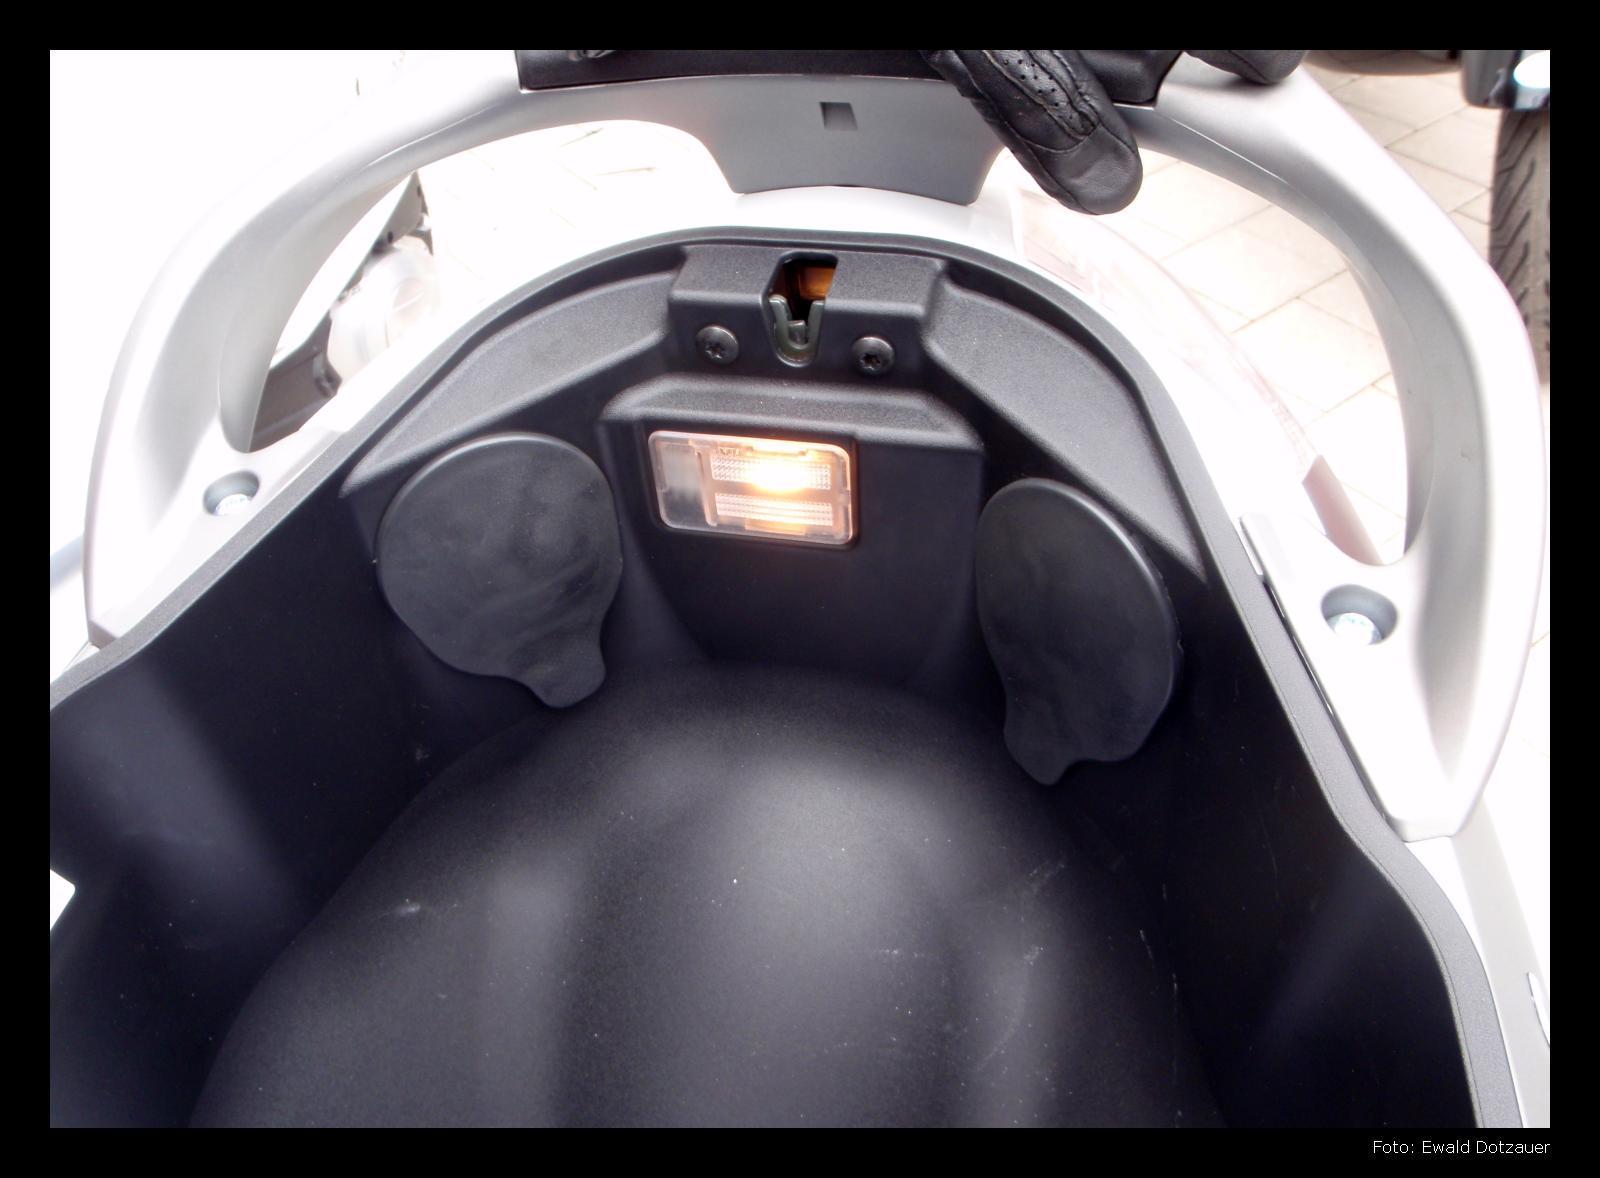 vespa menschen beverly sport touring 350 von piaggio mit abs und asr. Black Bedroom Furniture Sets. Home Design Ideas